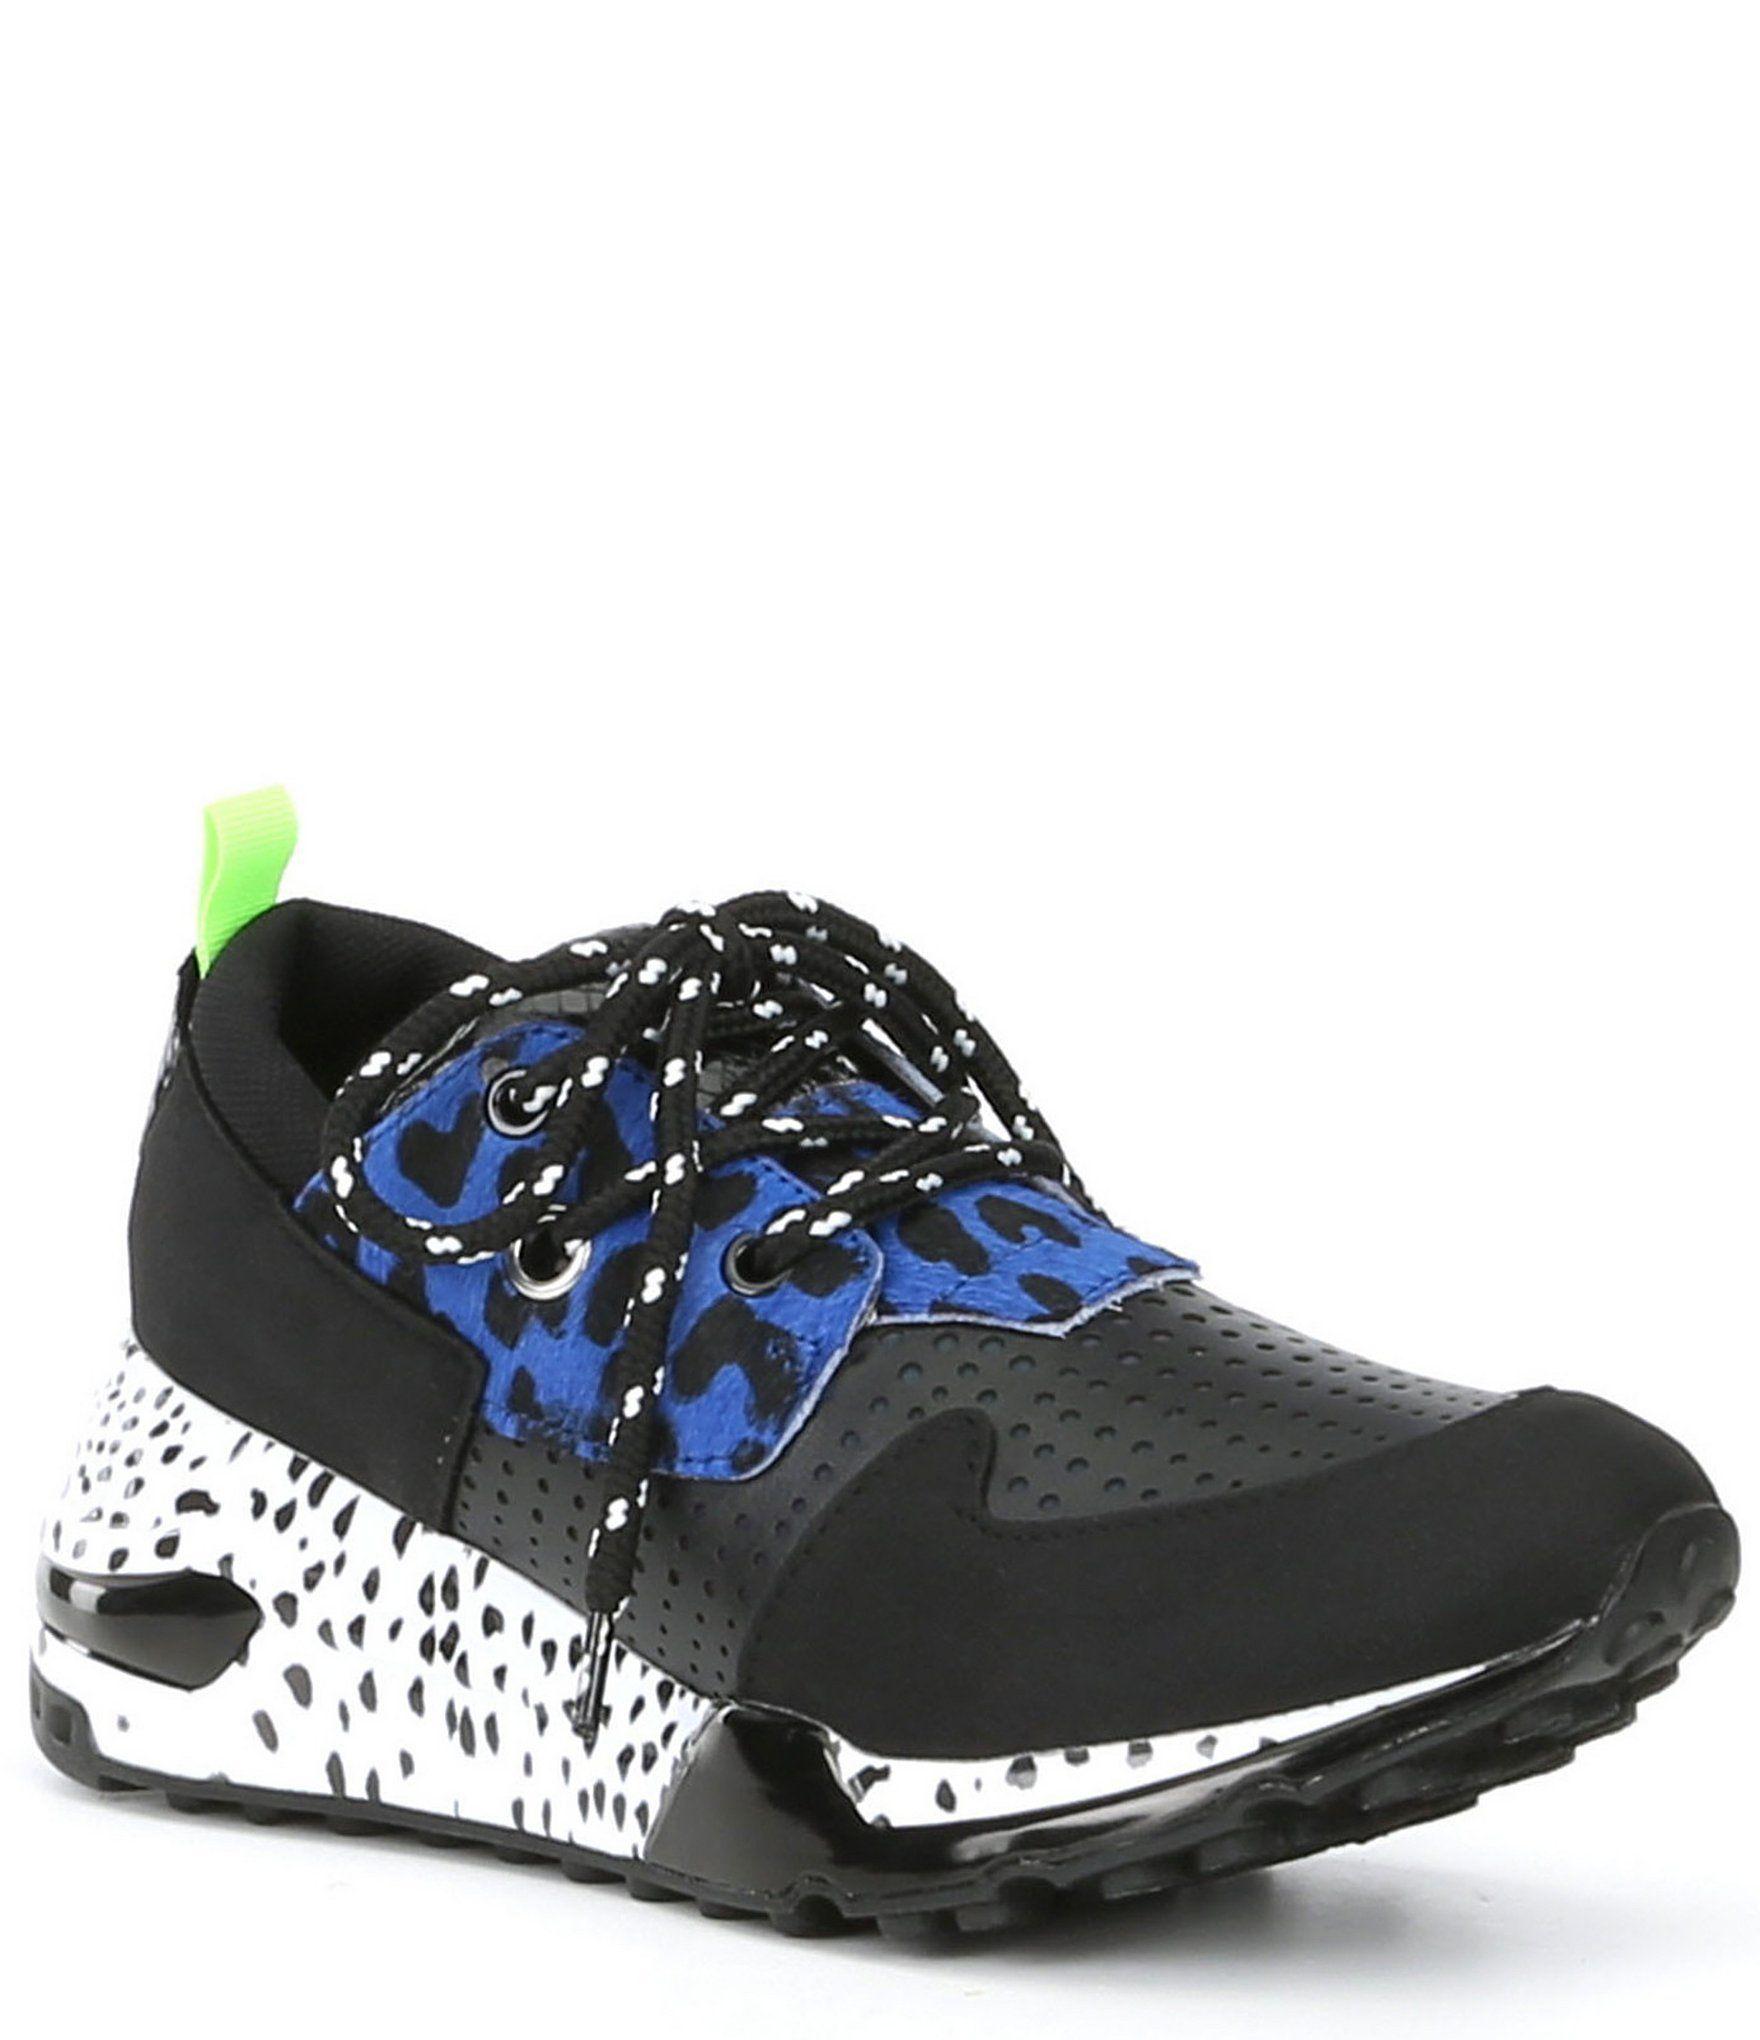 Steve Madden Cliff Leopard Sneaker Schoenen Winkel